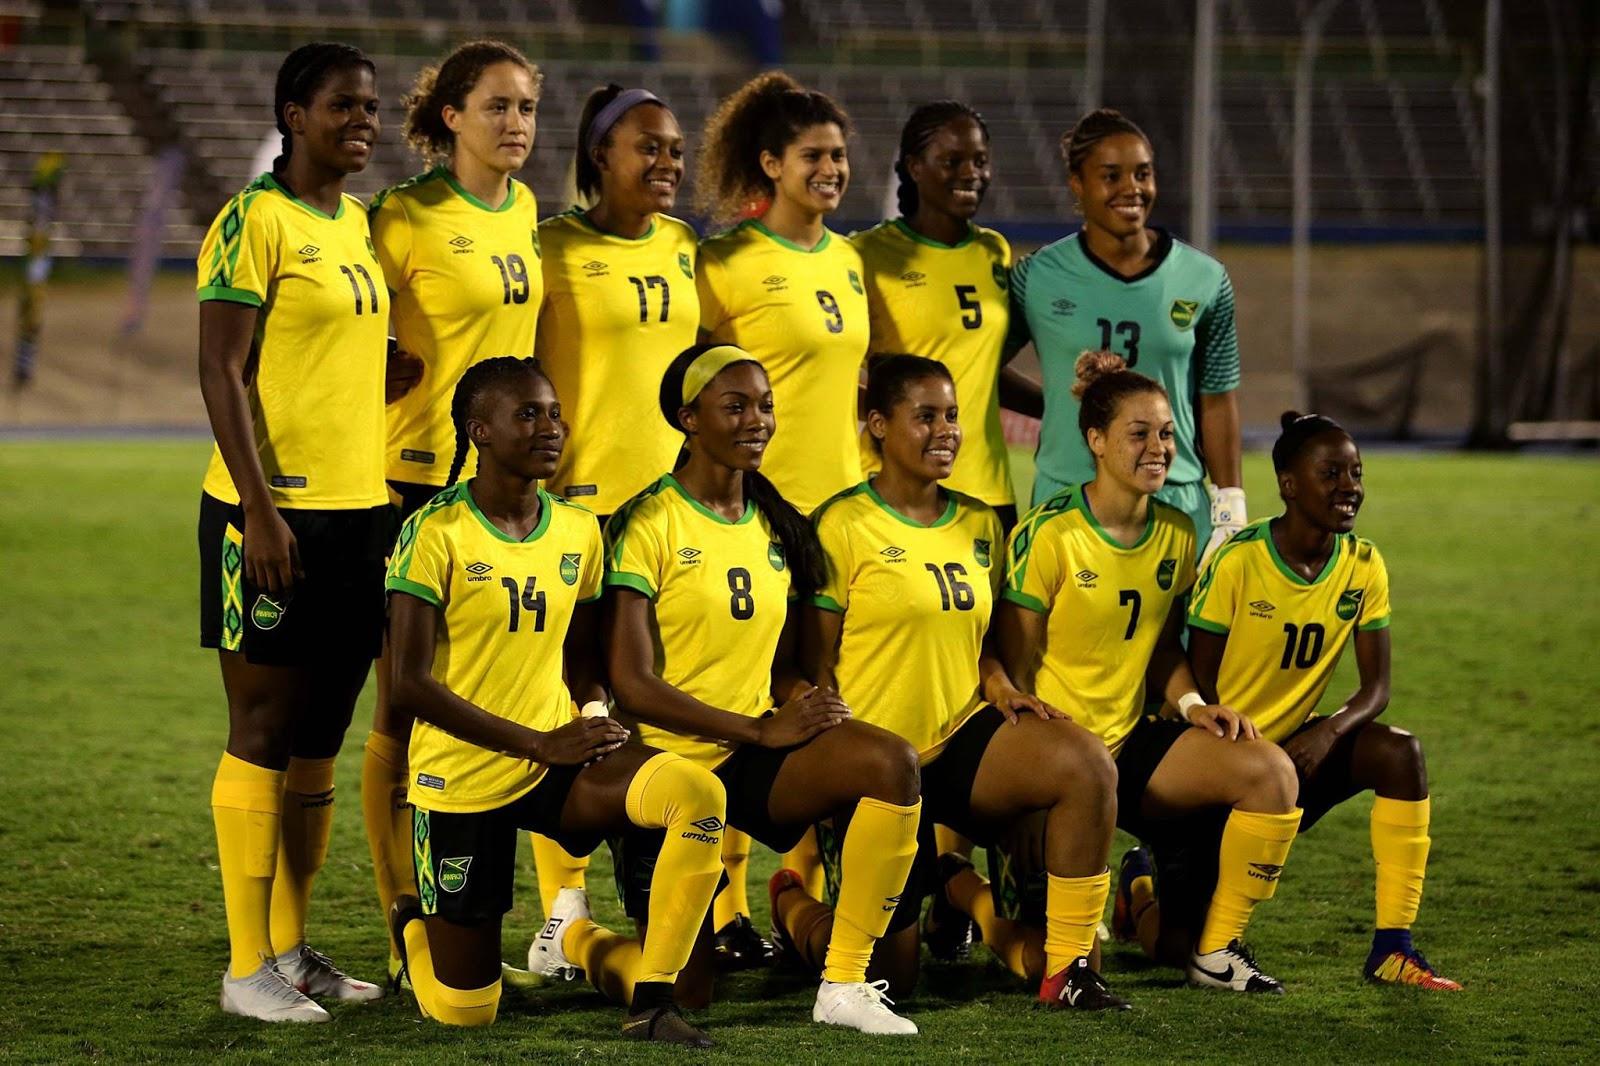 Formación de selección femenina de Jamaica ante Chile, amistoso disputado el 28 de febrero de 2019